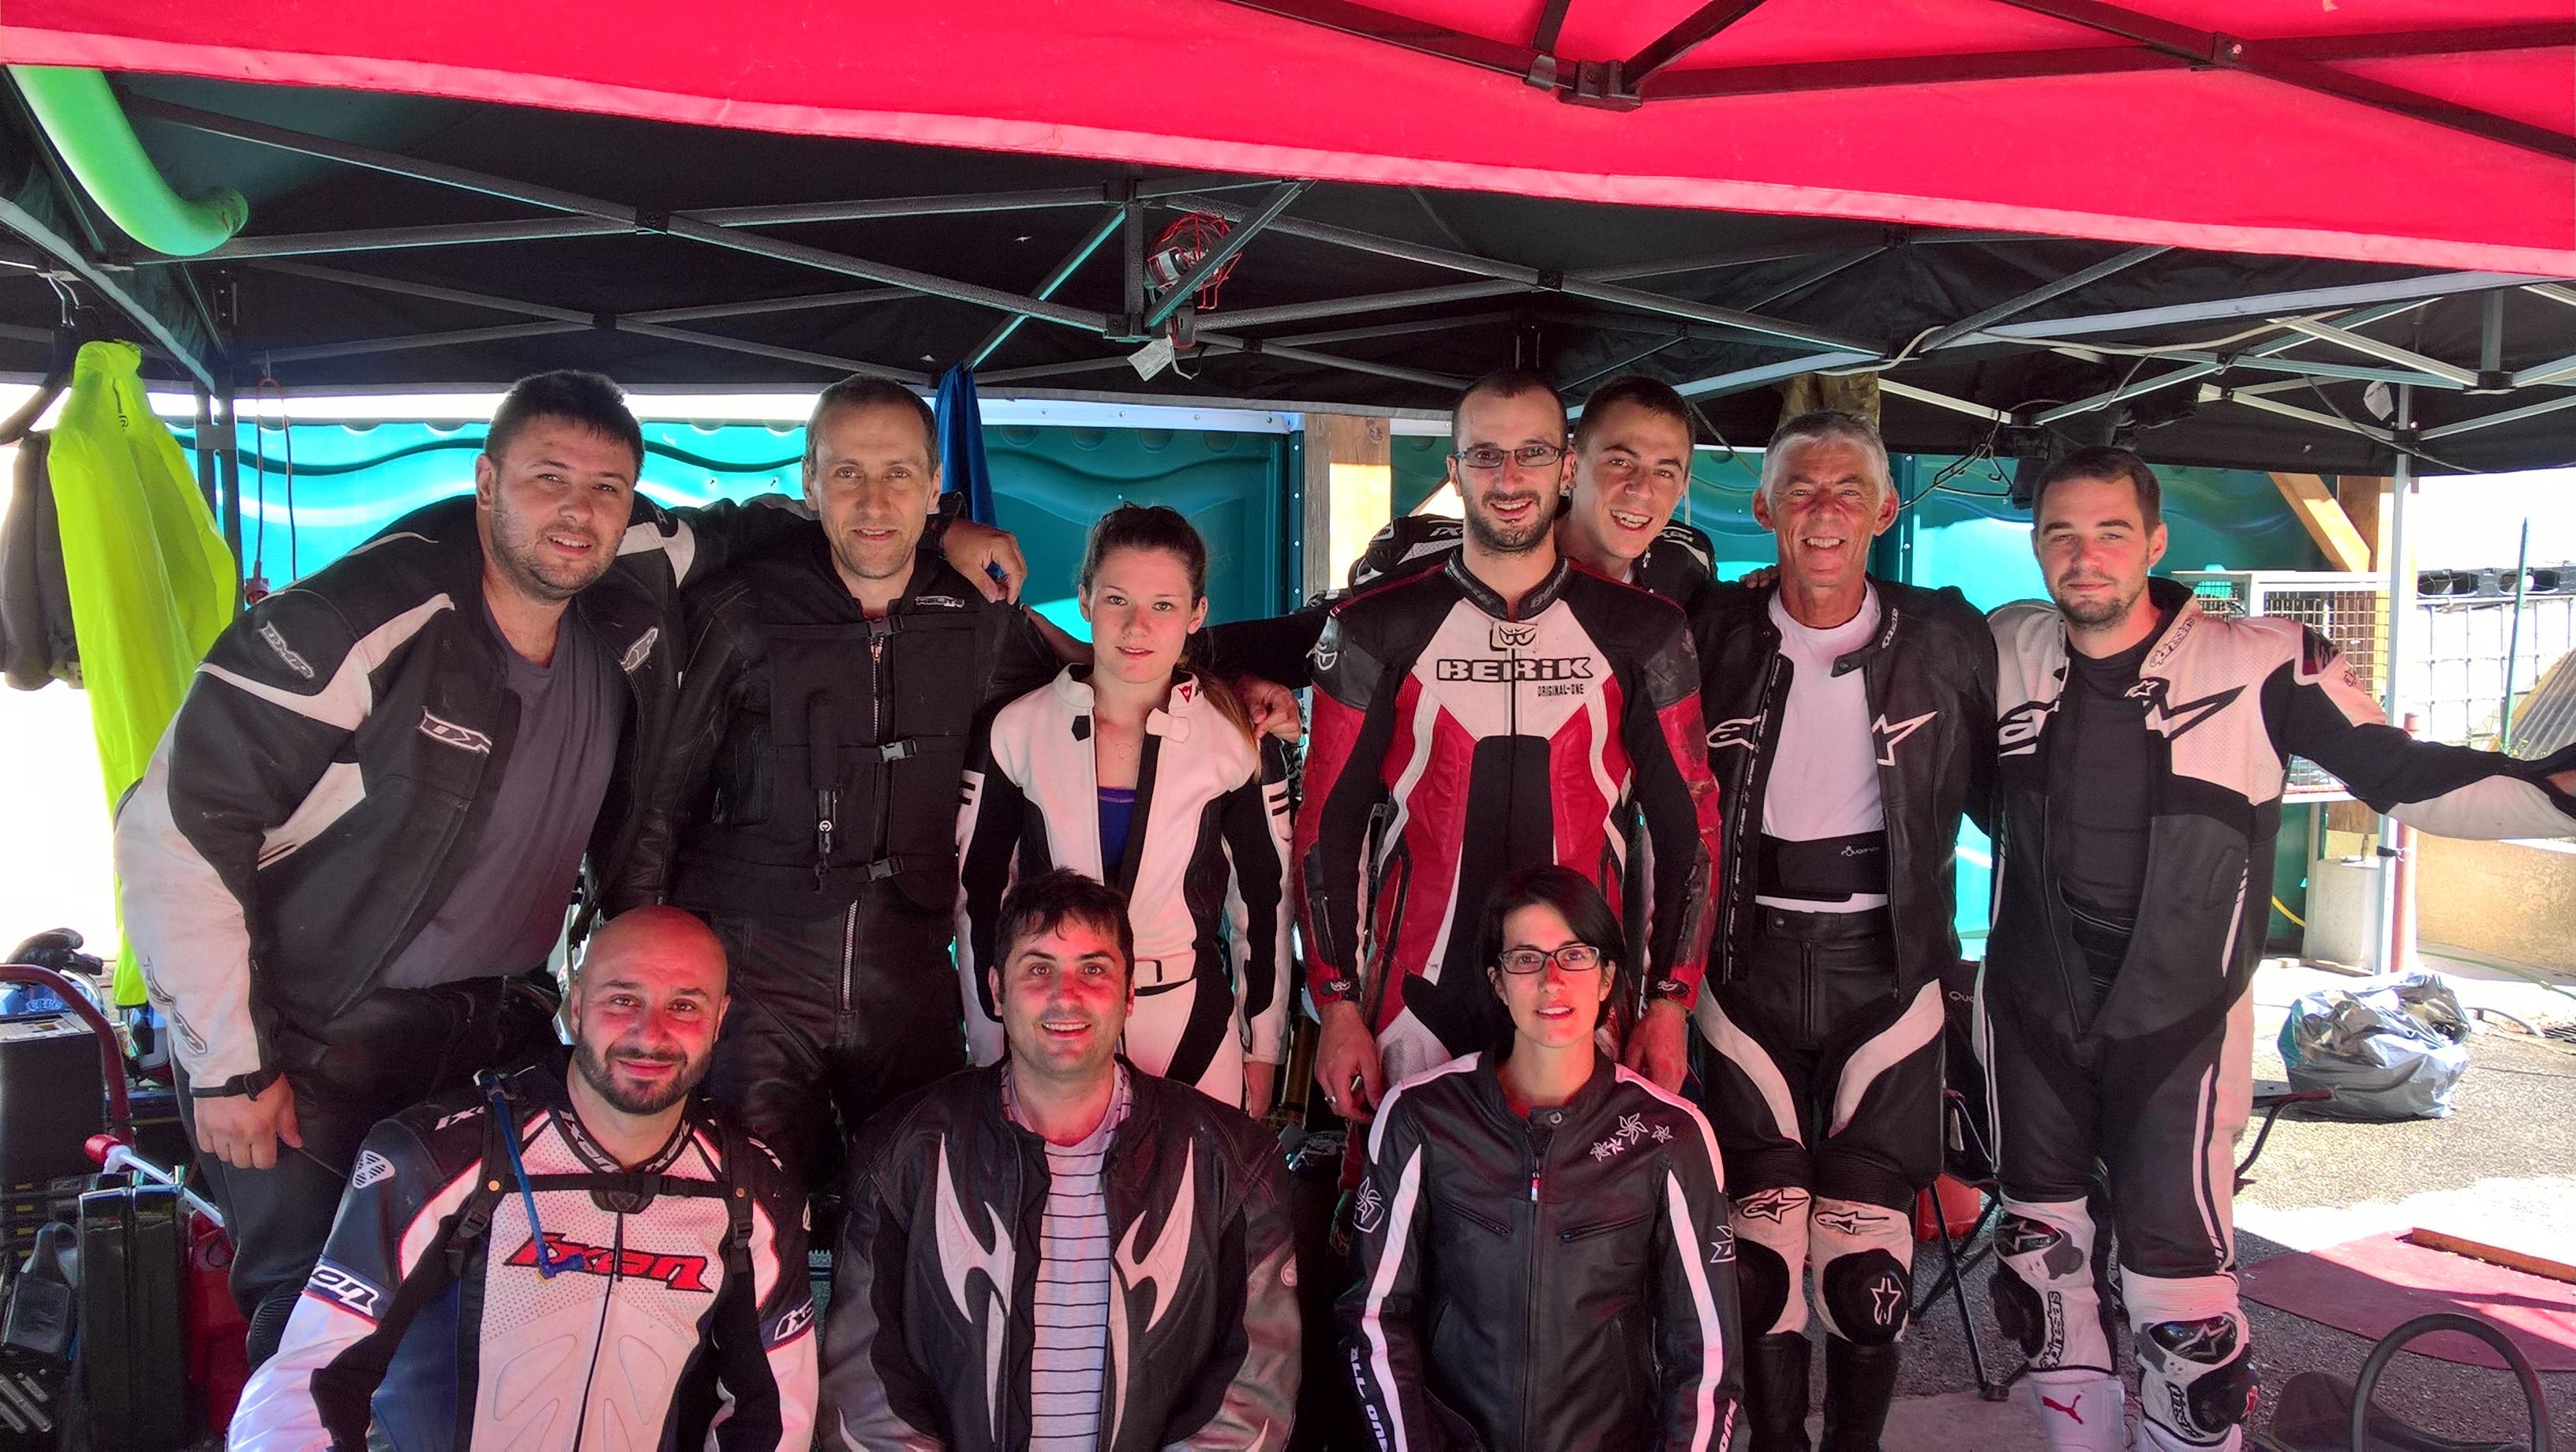 Saison rallye 2018, duo et solo, les copains d'abord